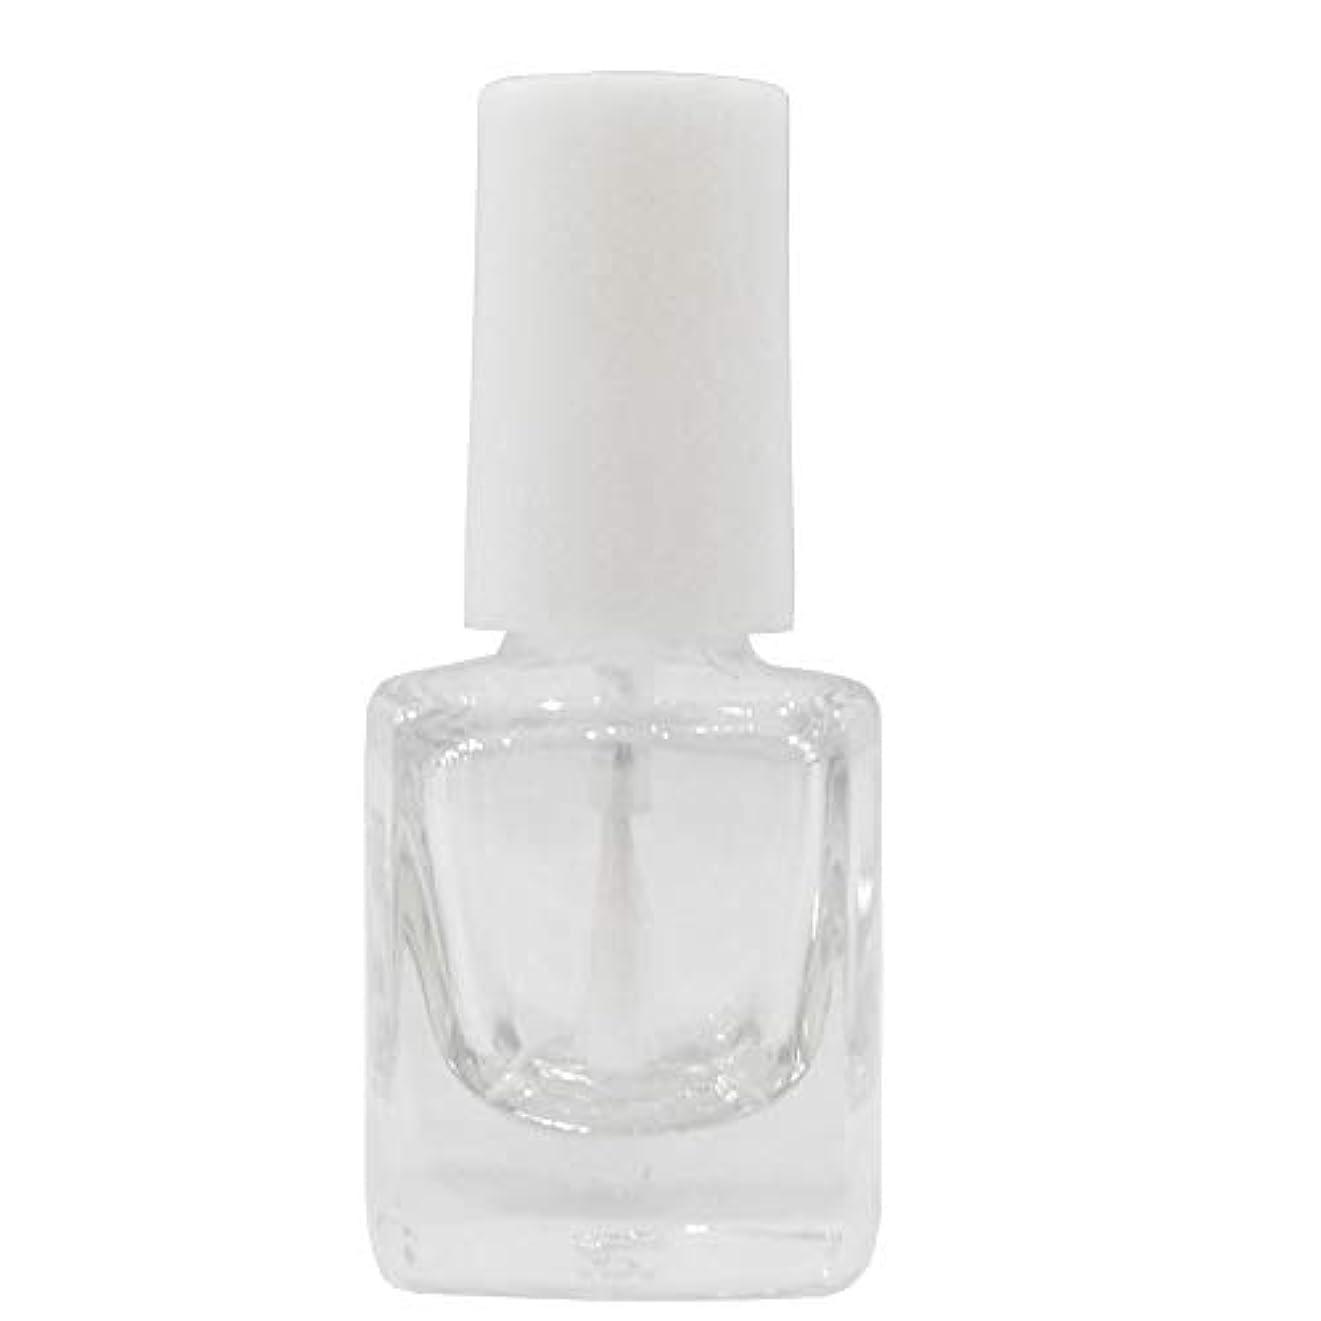 さらに揺れる病なマニキュア空ボトル5ml用?甘皮オイルなどを小分けするのに便利なスペアボトル 人気の白い刷毛